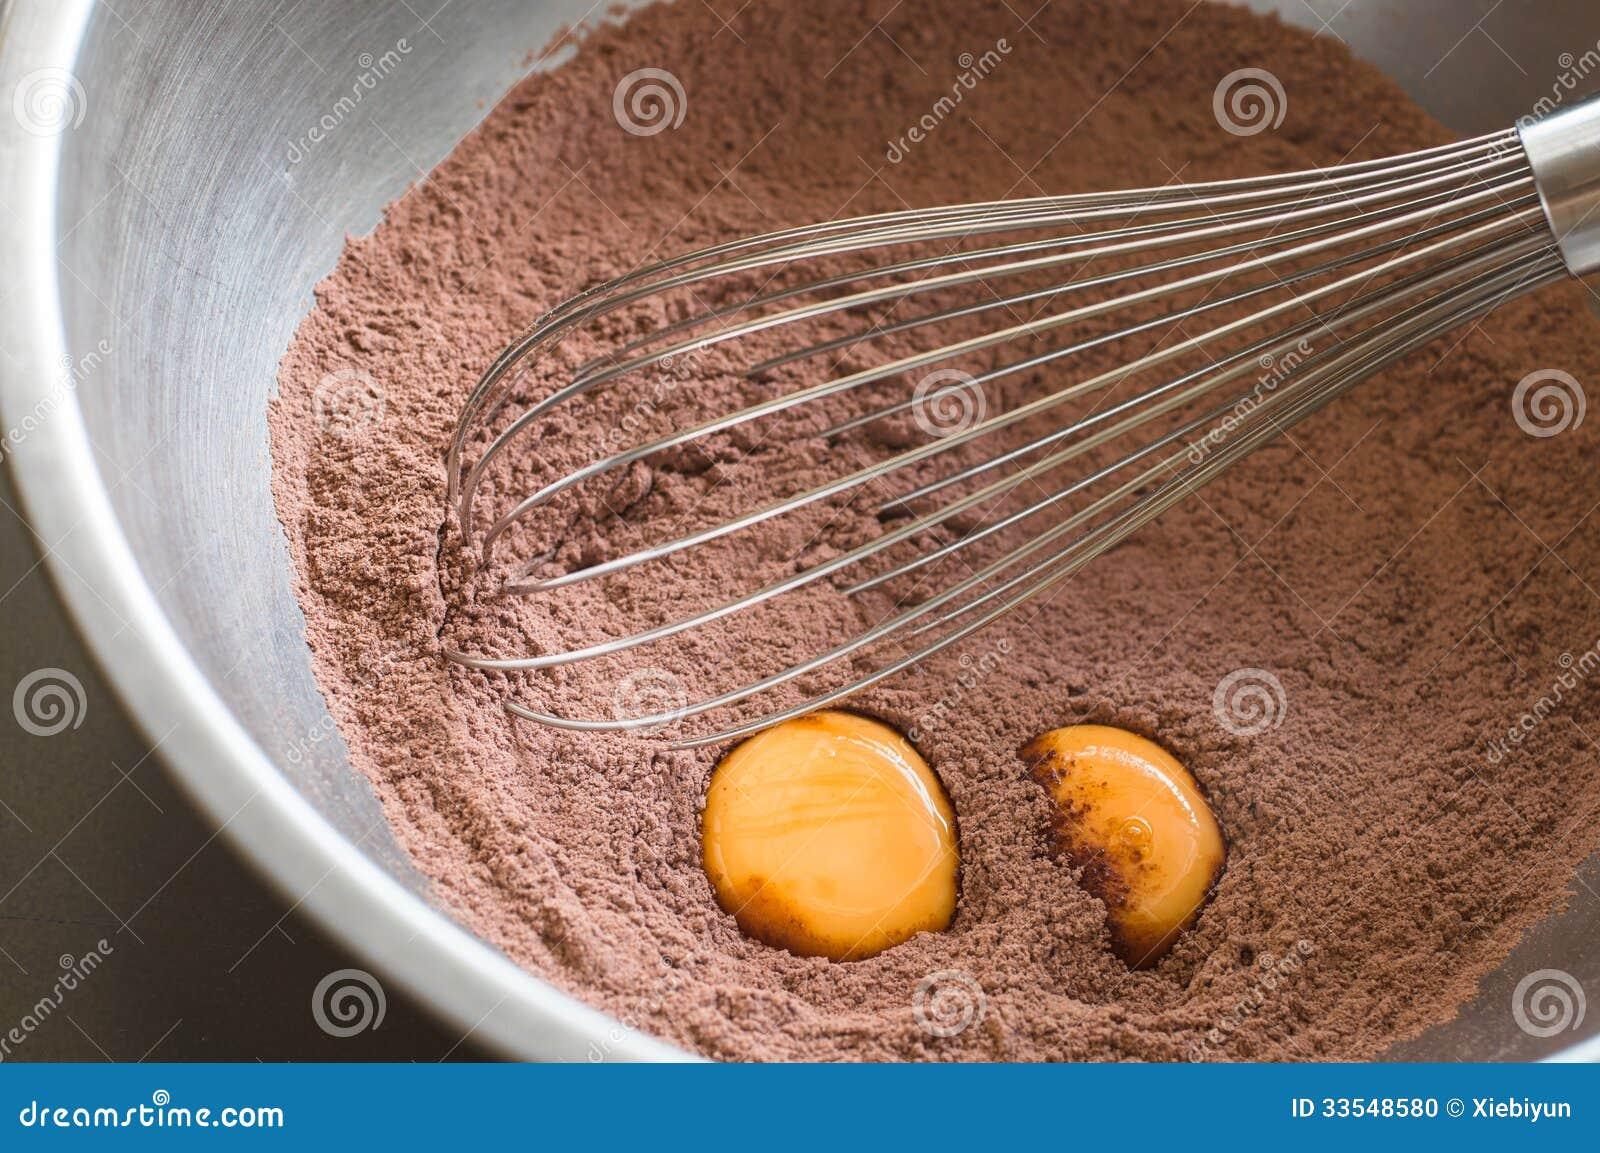 preparacion de torta de chocolate